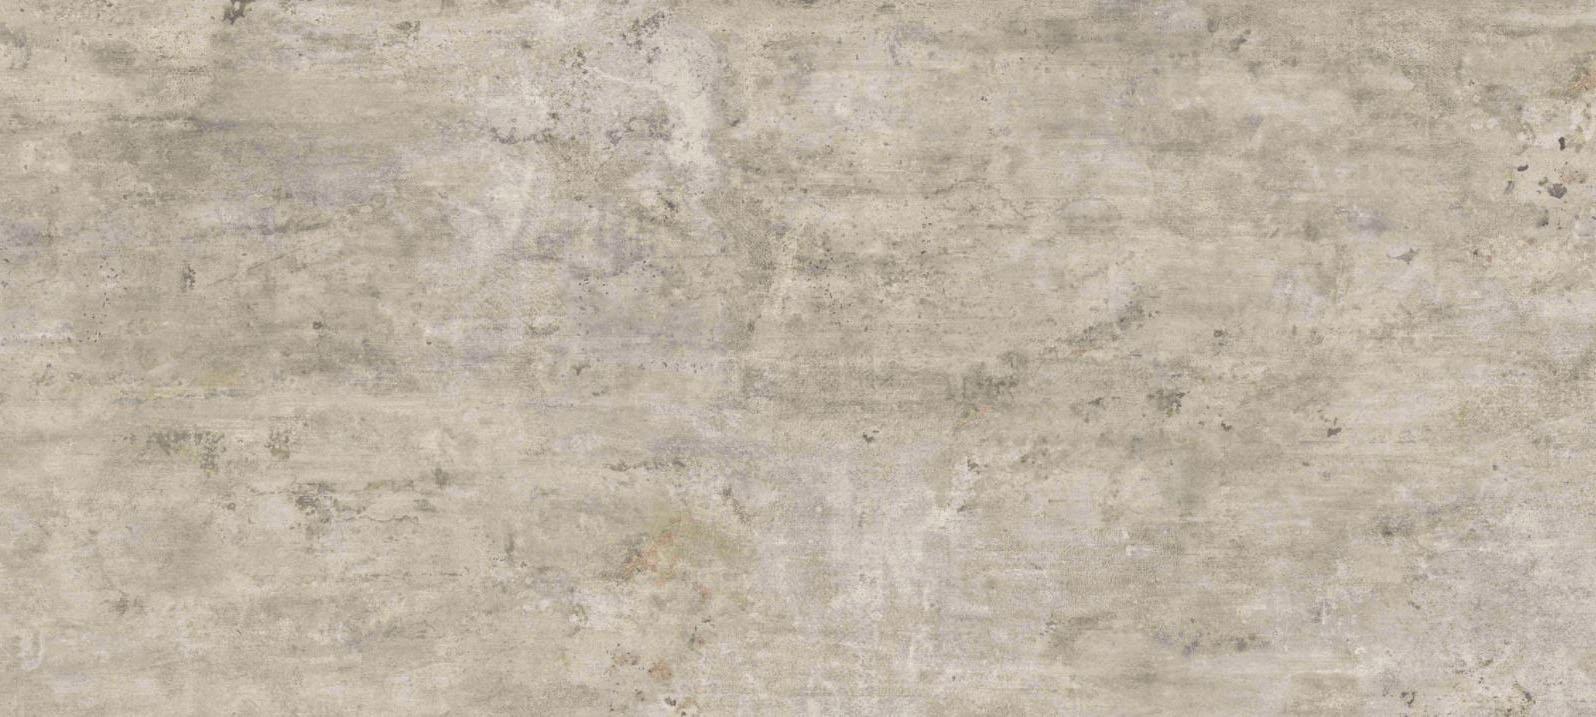 Concrete Taupe - Treppenanlagen zum Pauschalpreis